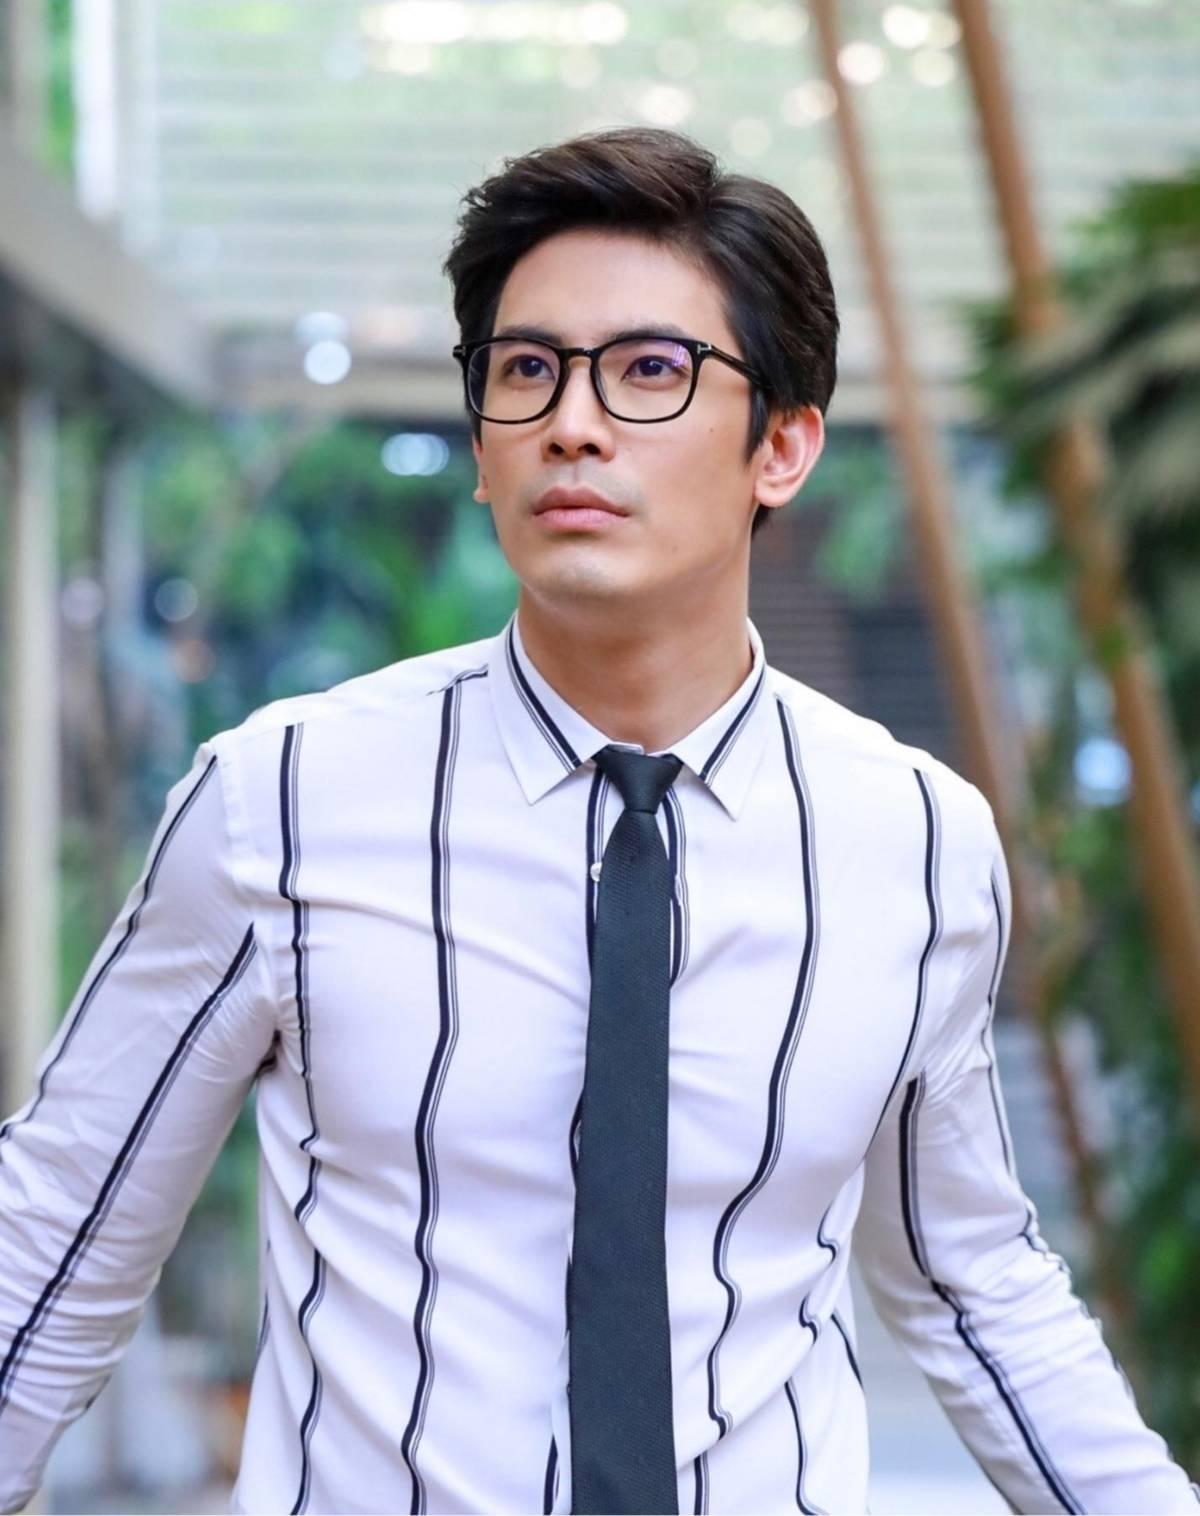 Thai star son yuke